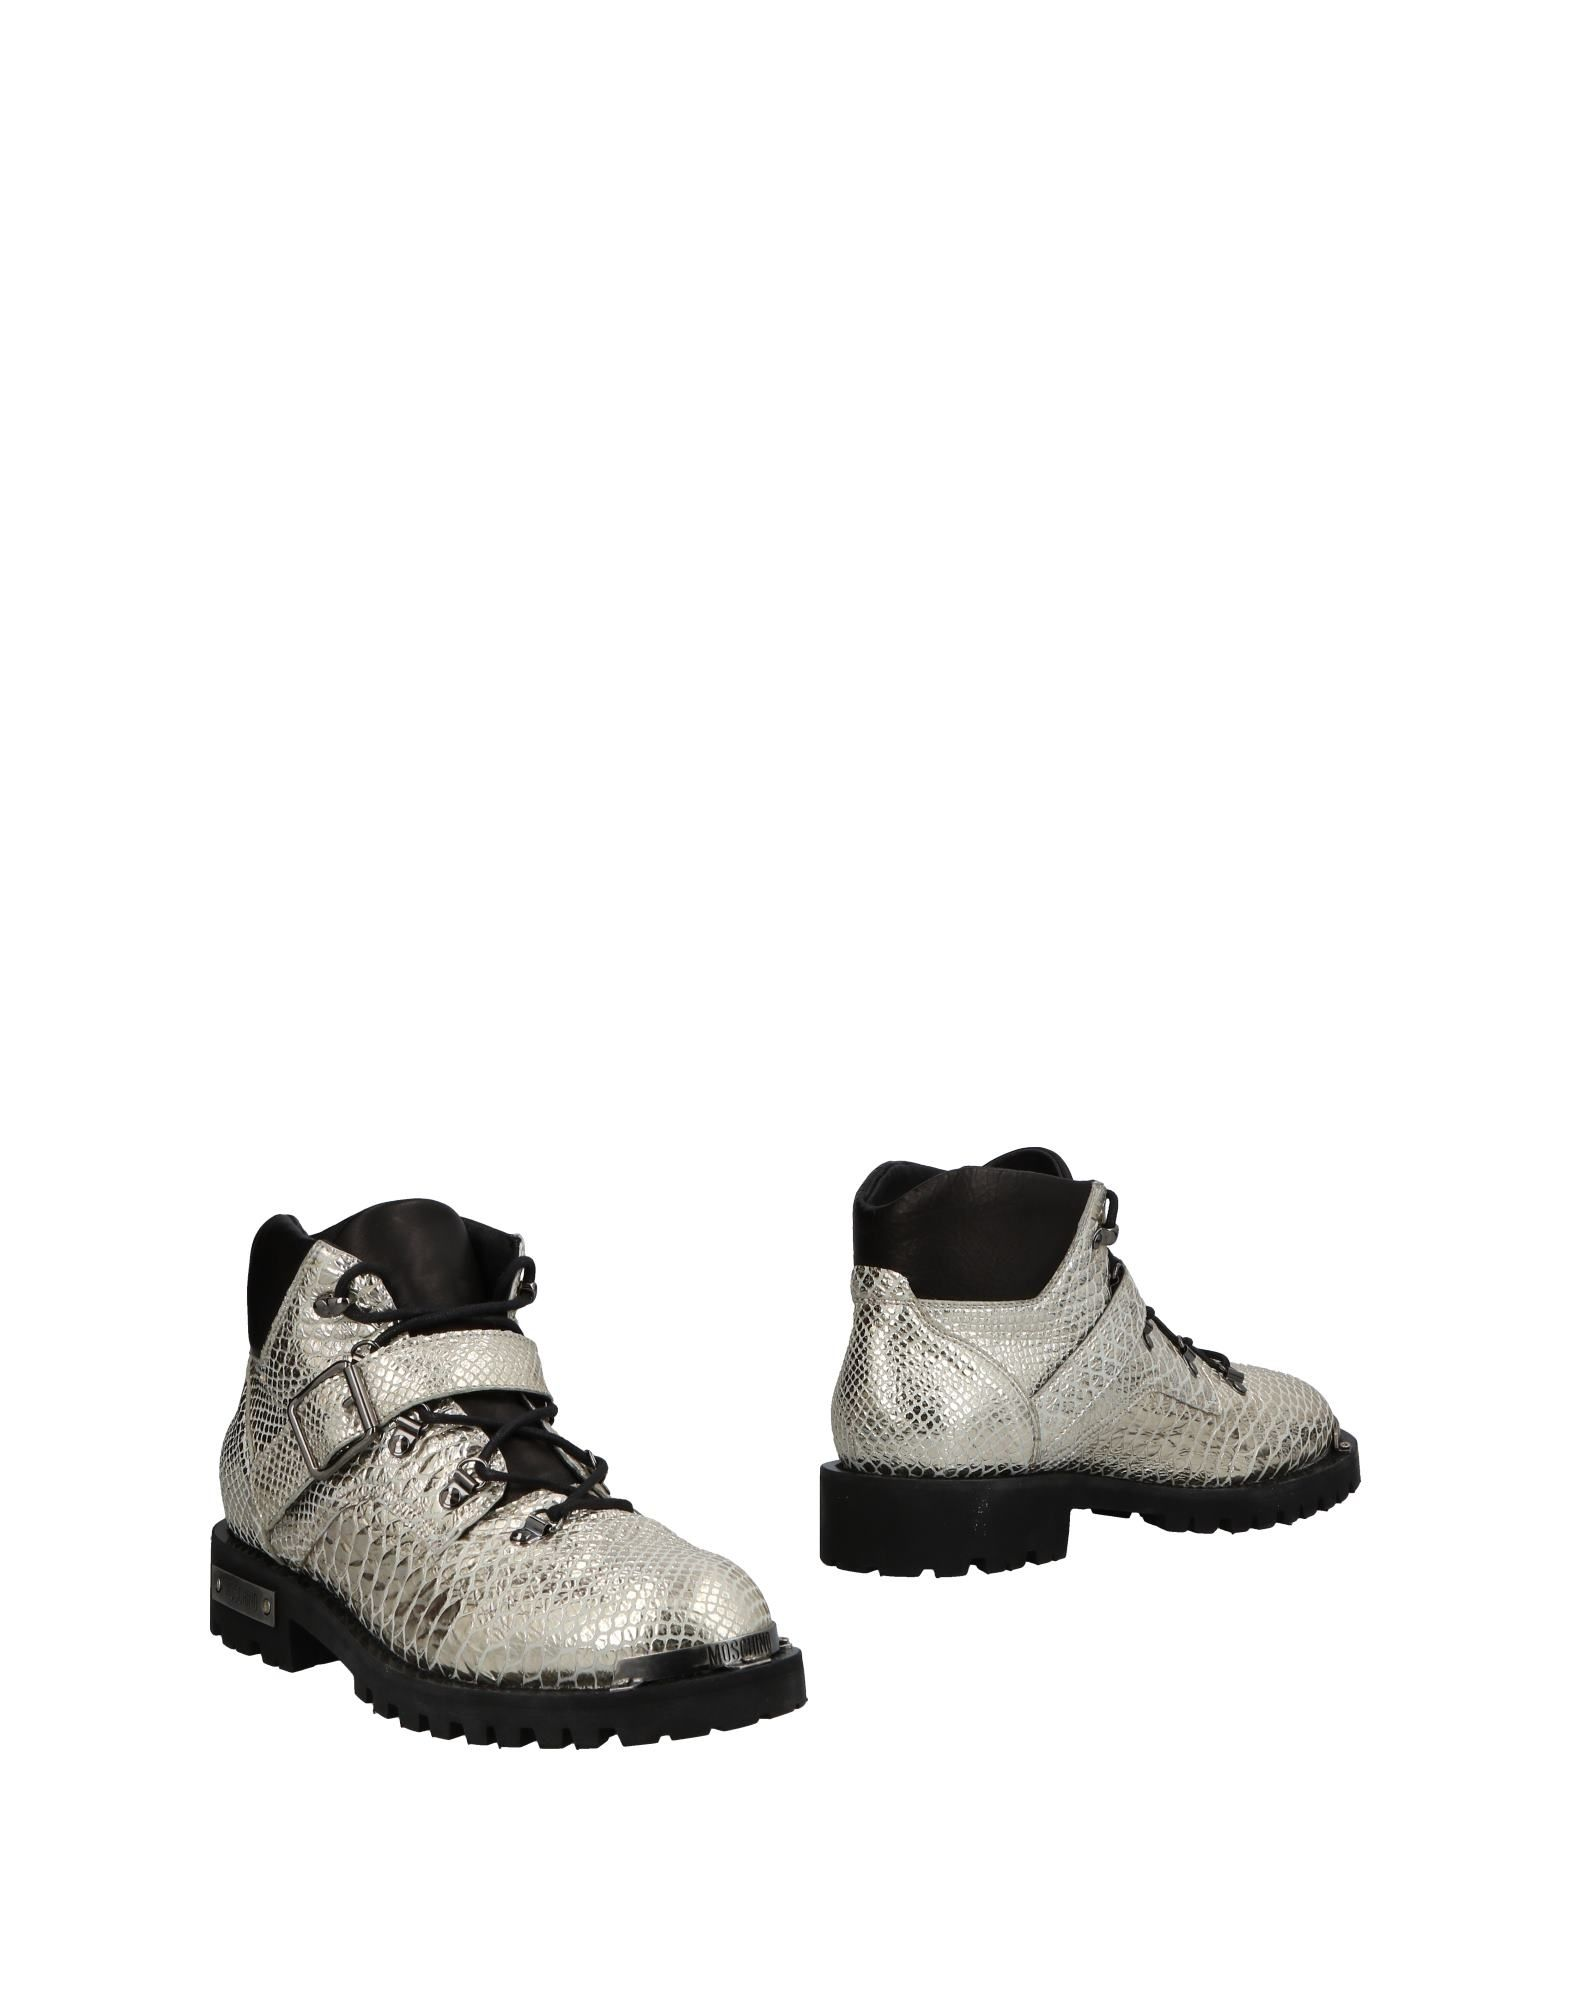 Moschino Stiefelette Herren  Schuhe 11490538TA Gute Qualität beliebte Schuhe  96c8b4